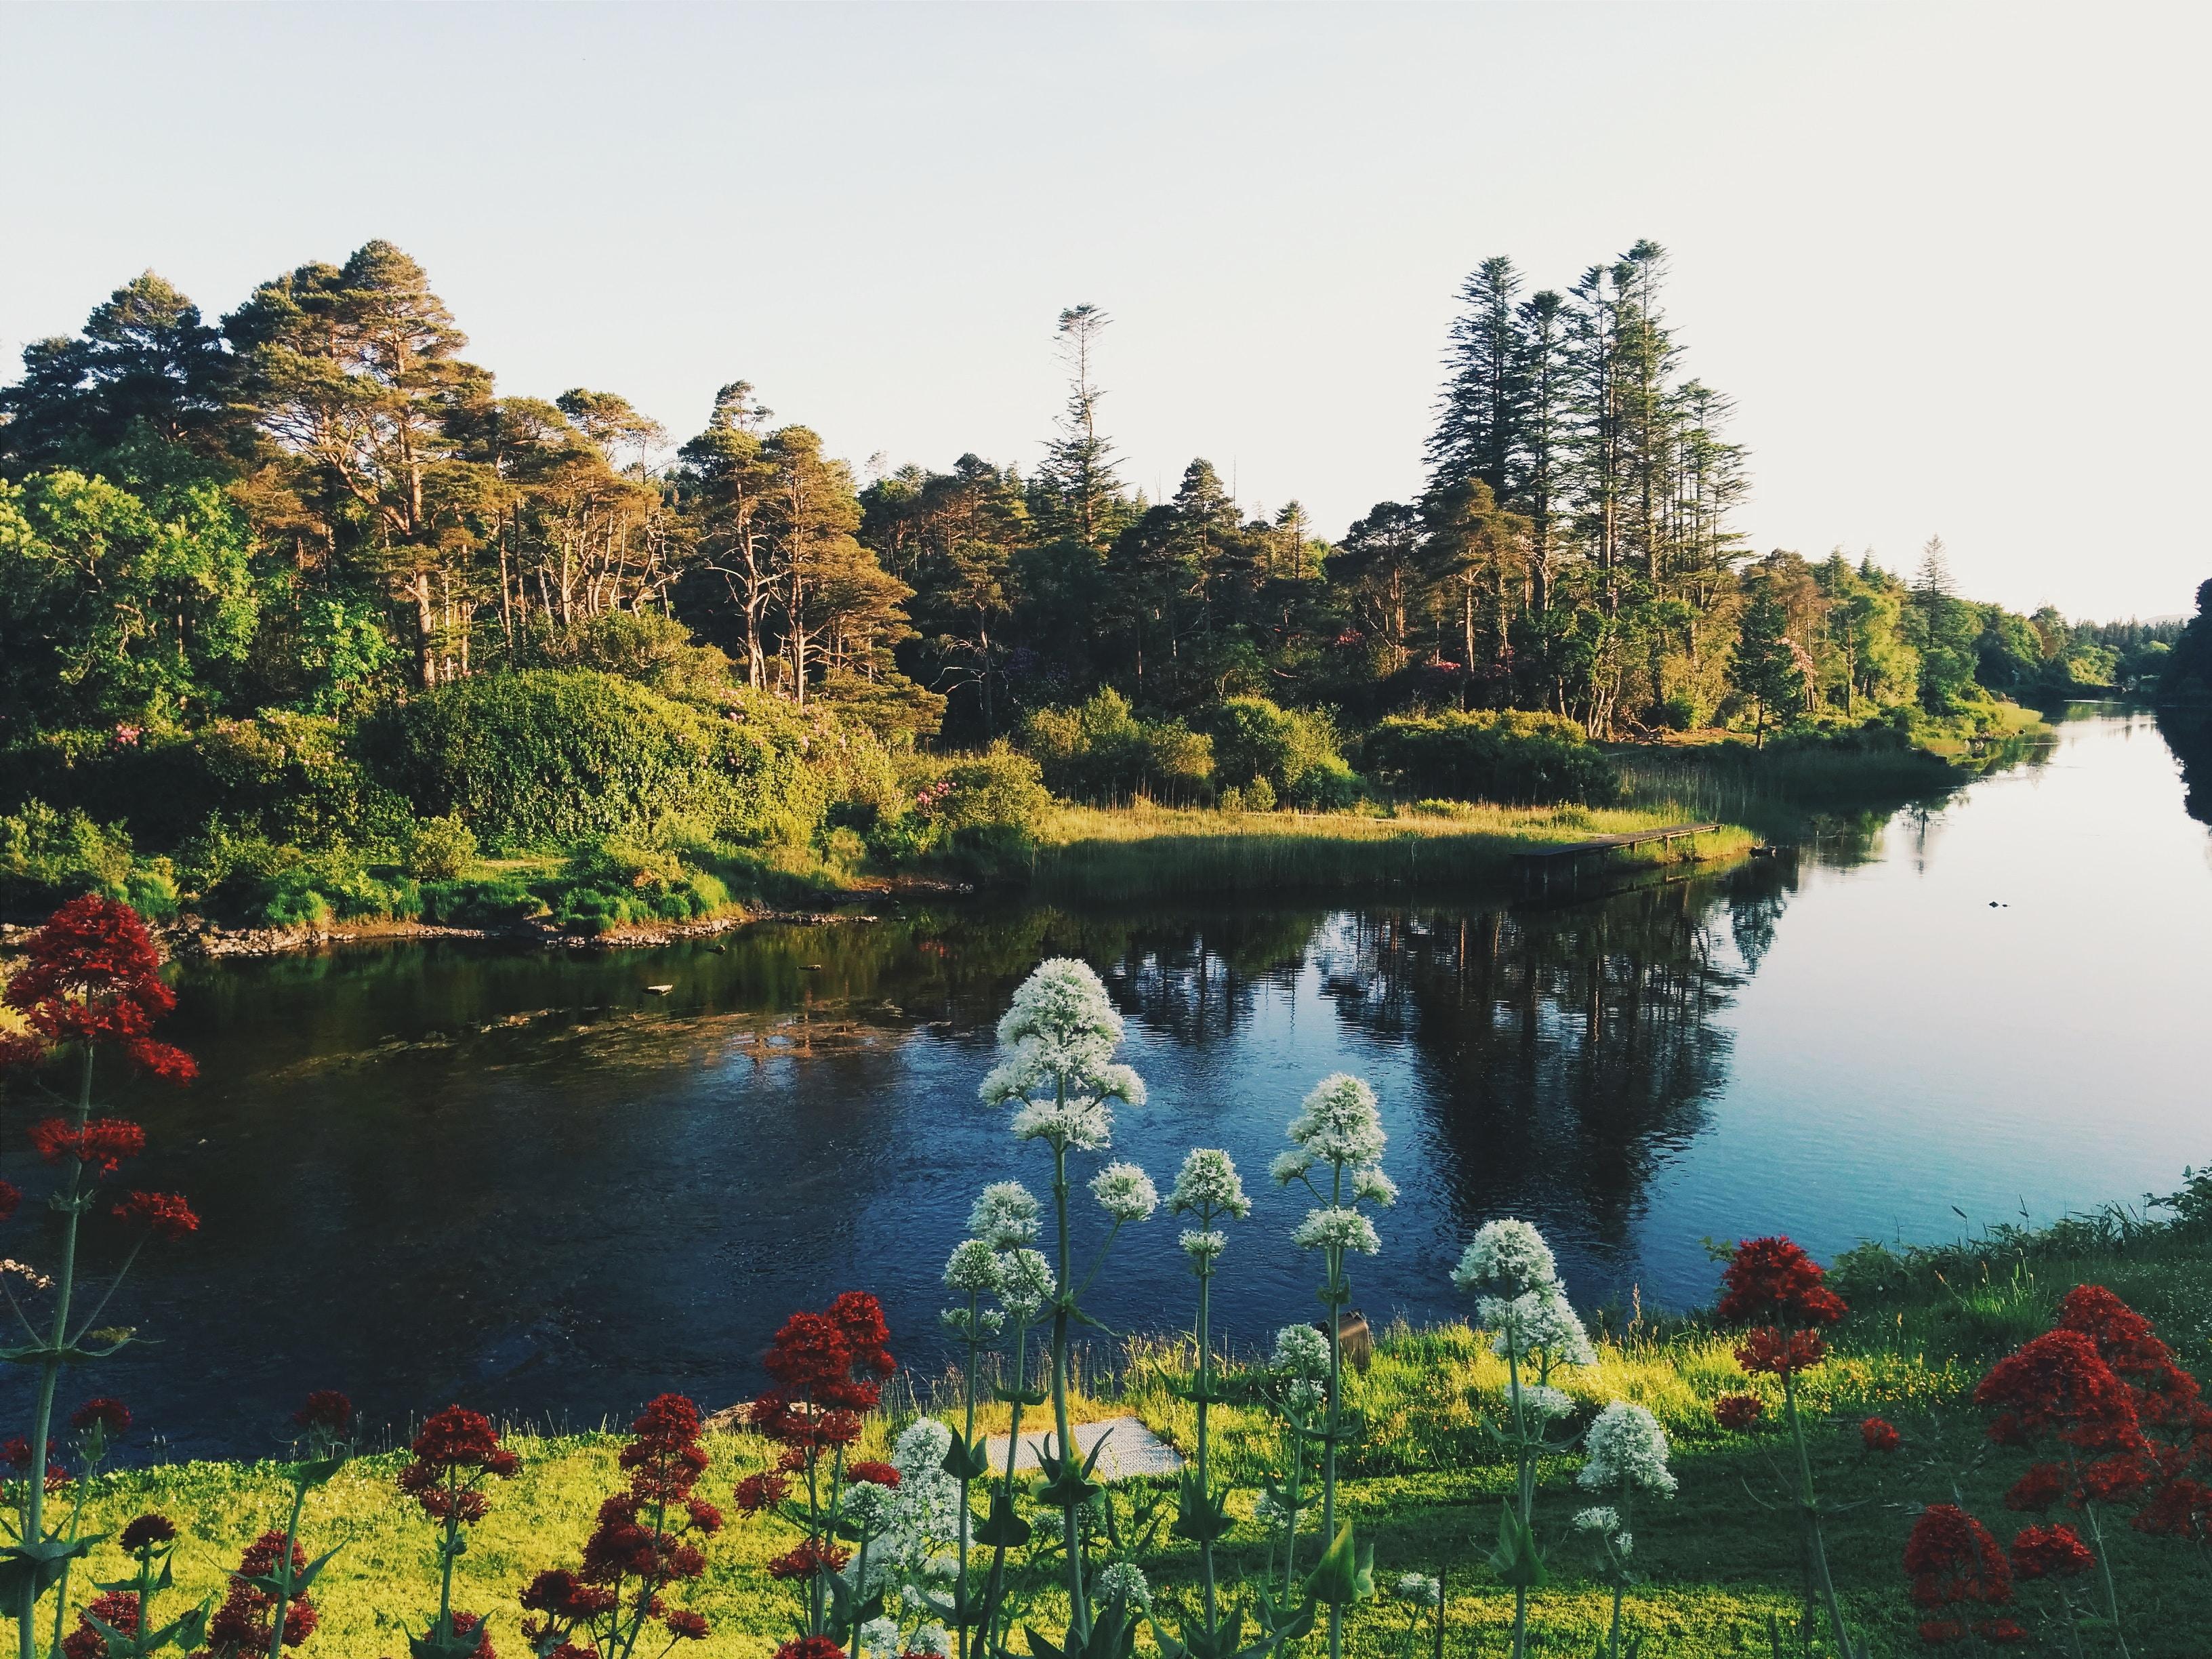 Cảnh đẹp như tranh vẽ tại Ireland.